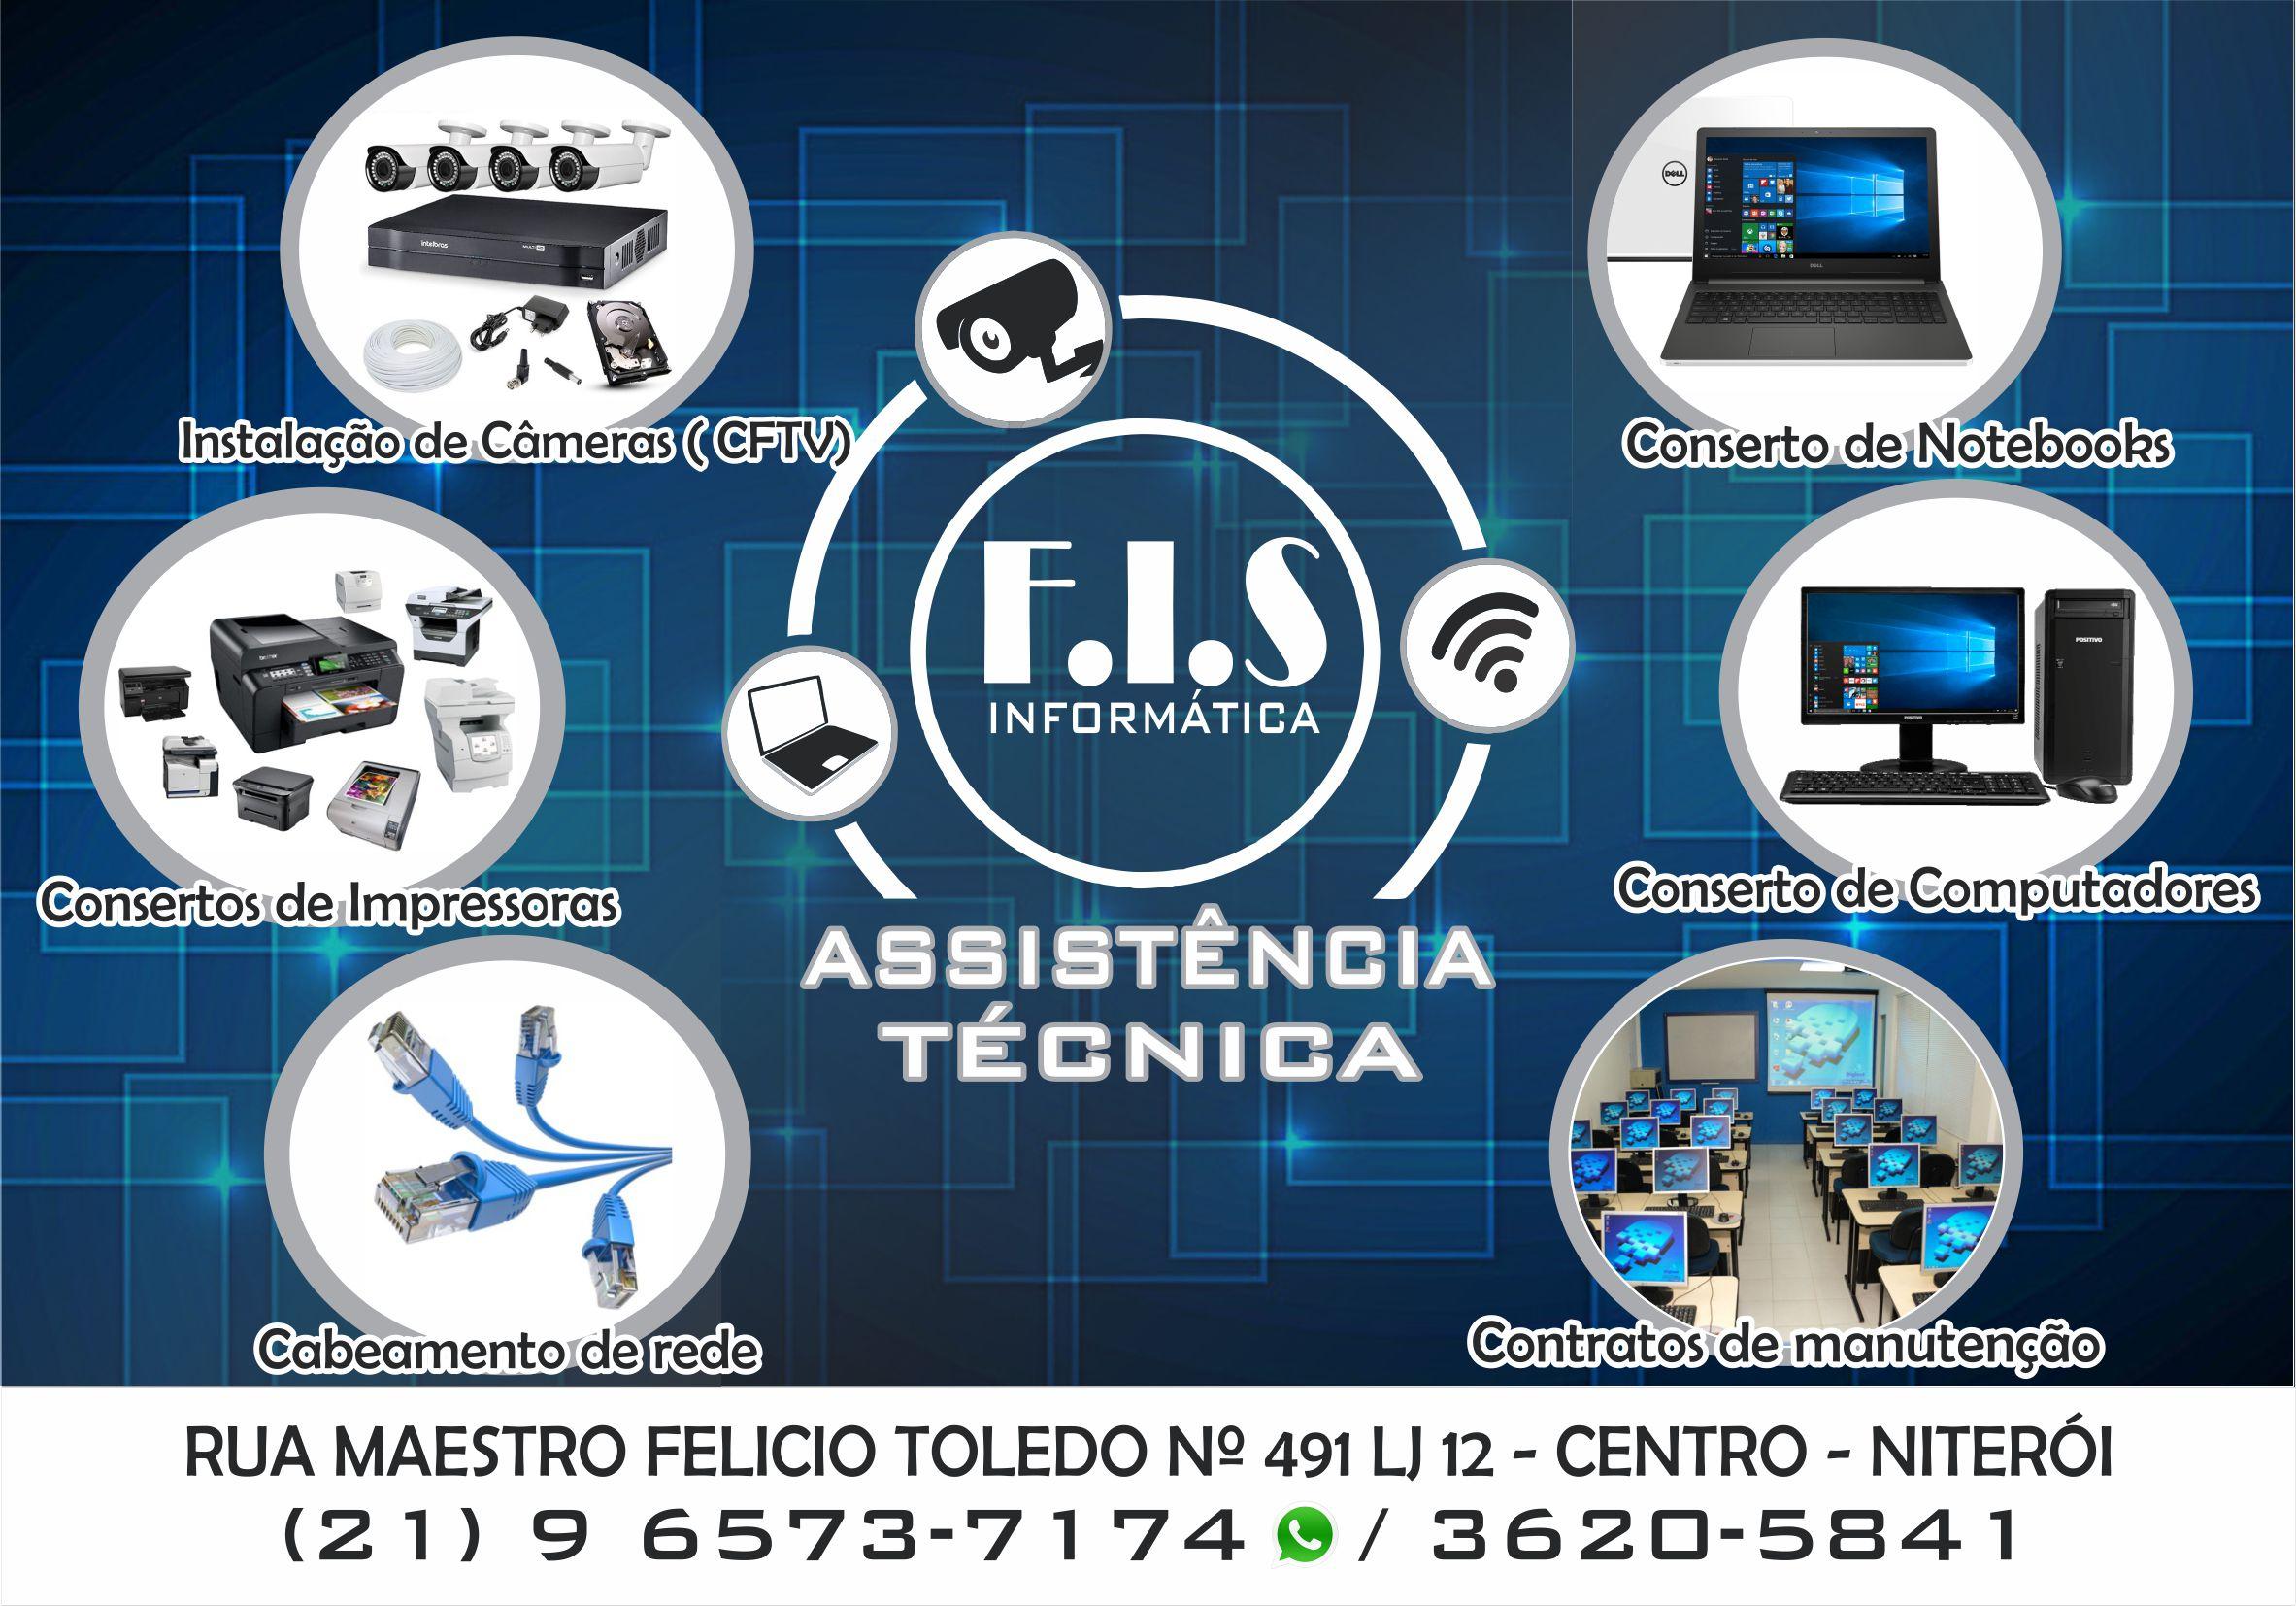 FIS SERVICOS DE INFORMATICA